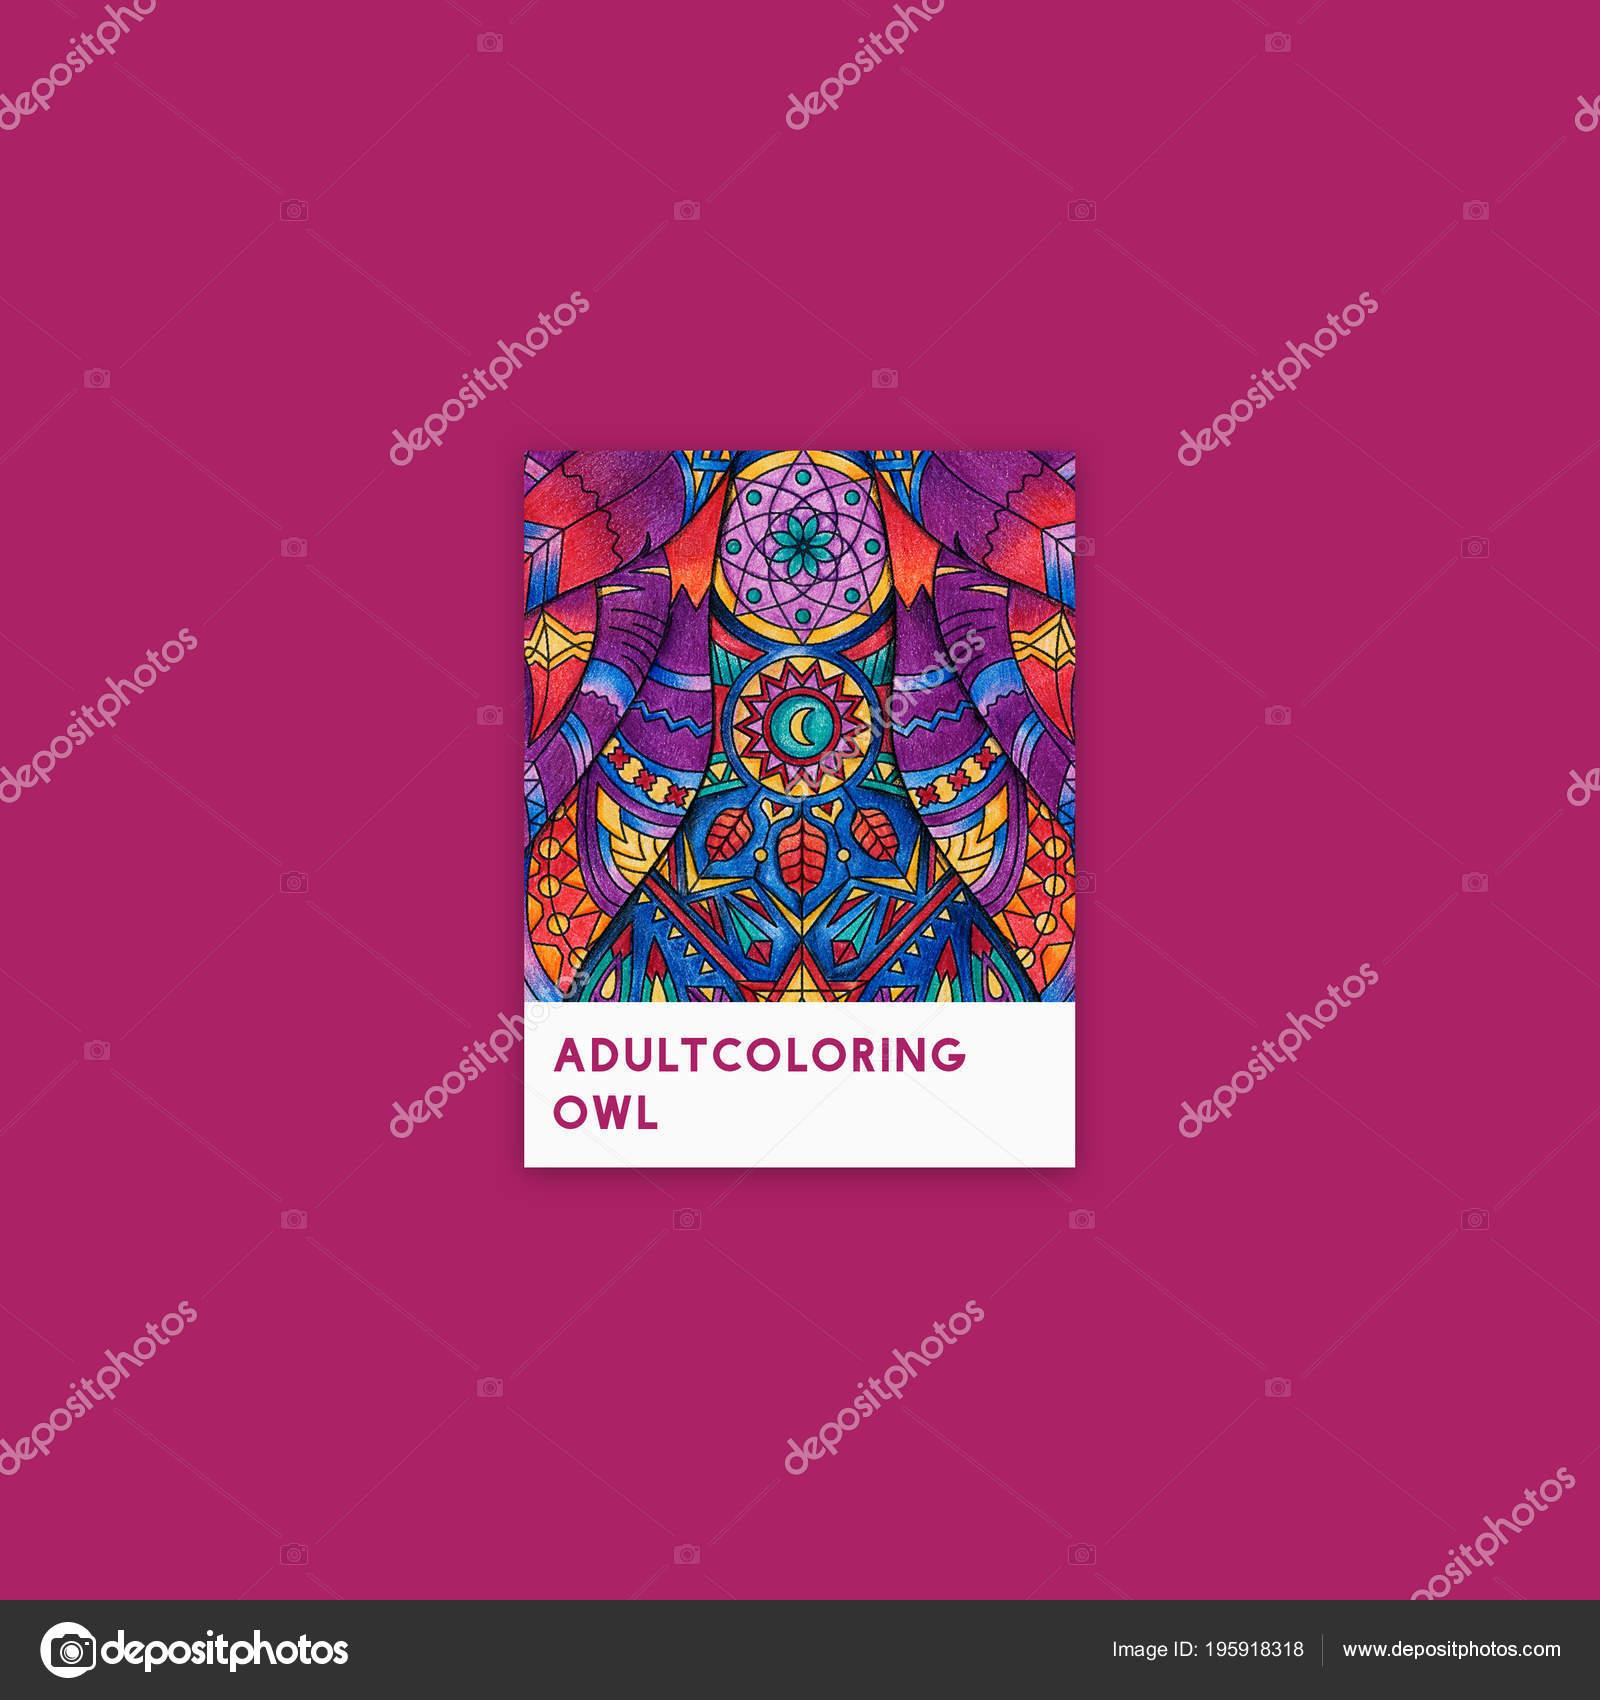 Volwassen Kleurplaten Uil.Roze Uil Volwassen Kleurplaten Van Illustratie Stockfoto